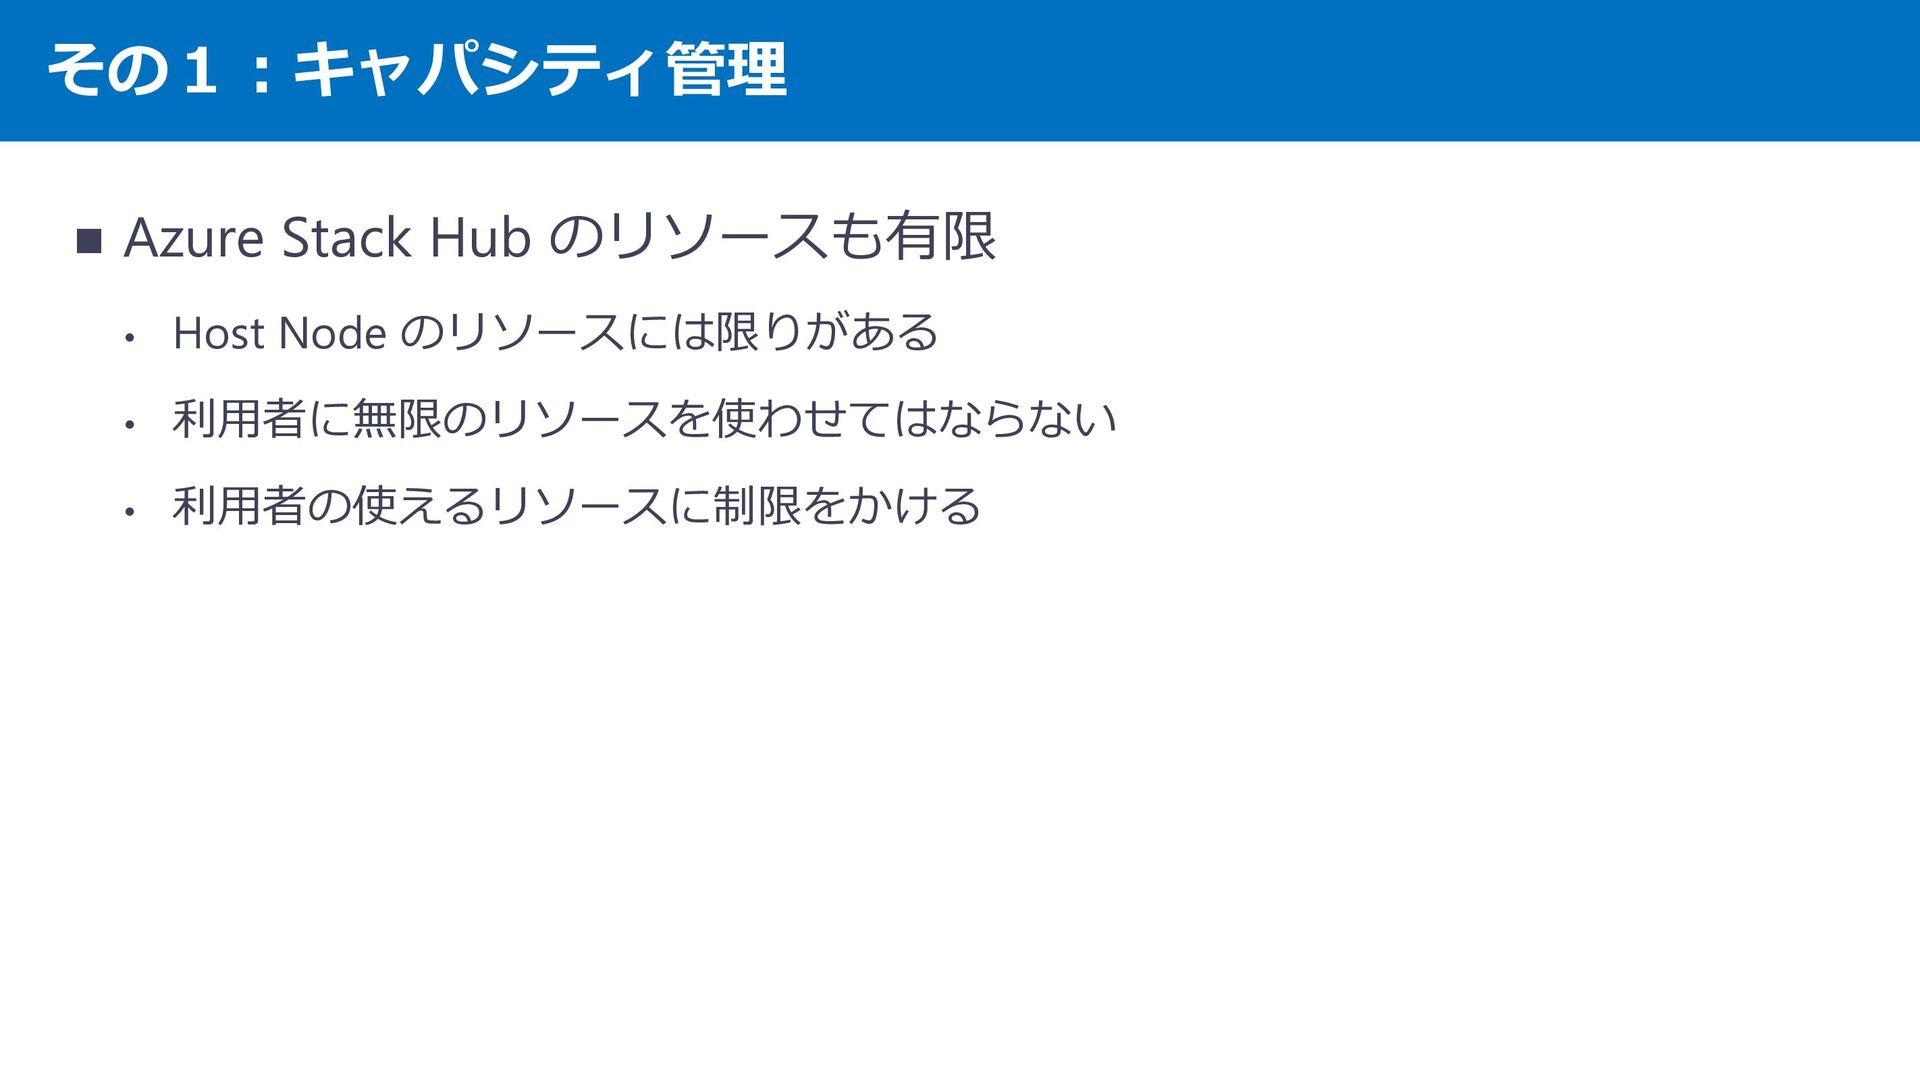 その1︓キャパシティ管理 Microsoft は Azure のキャパシティを管理している ・...